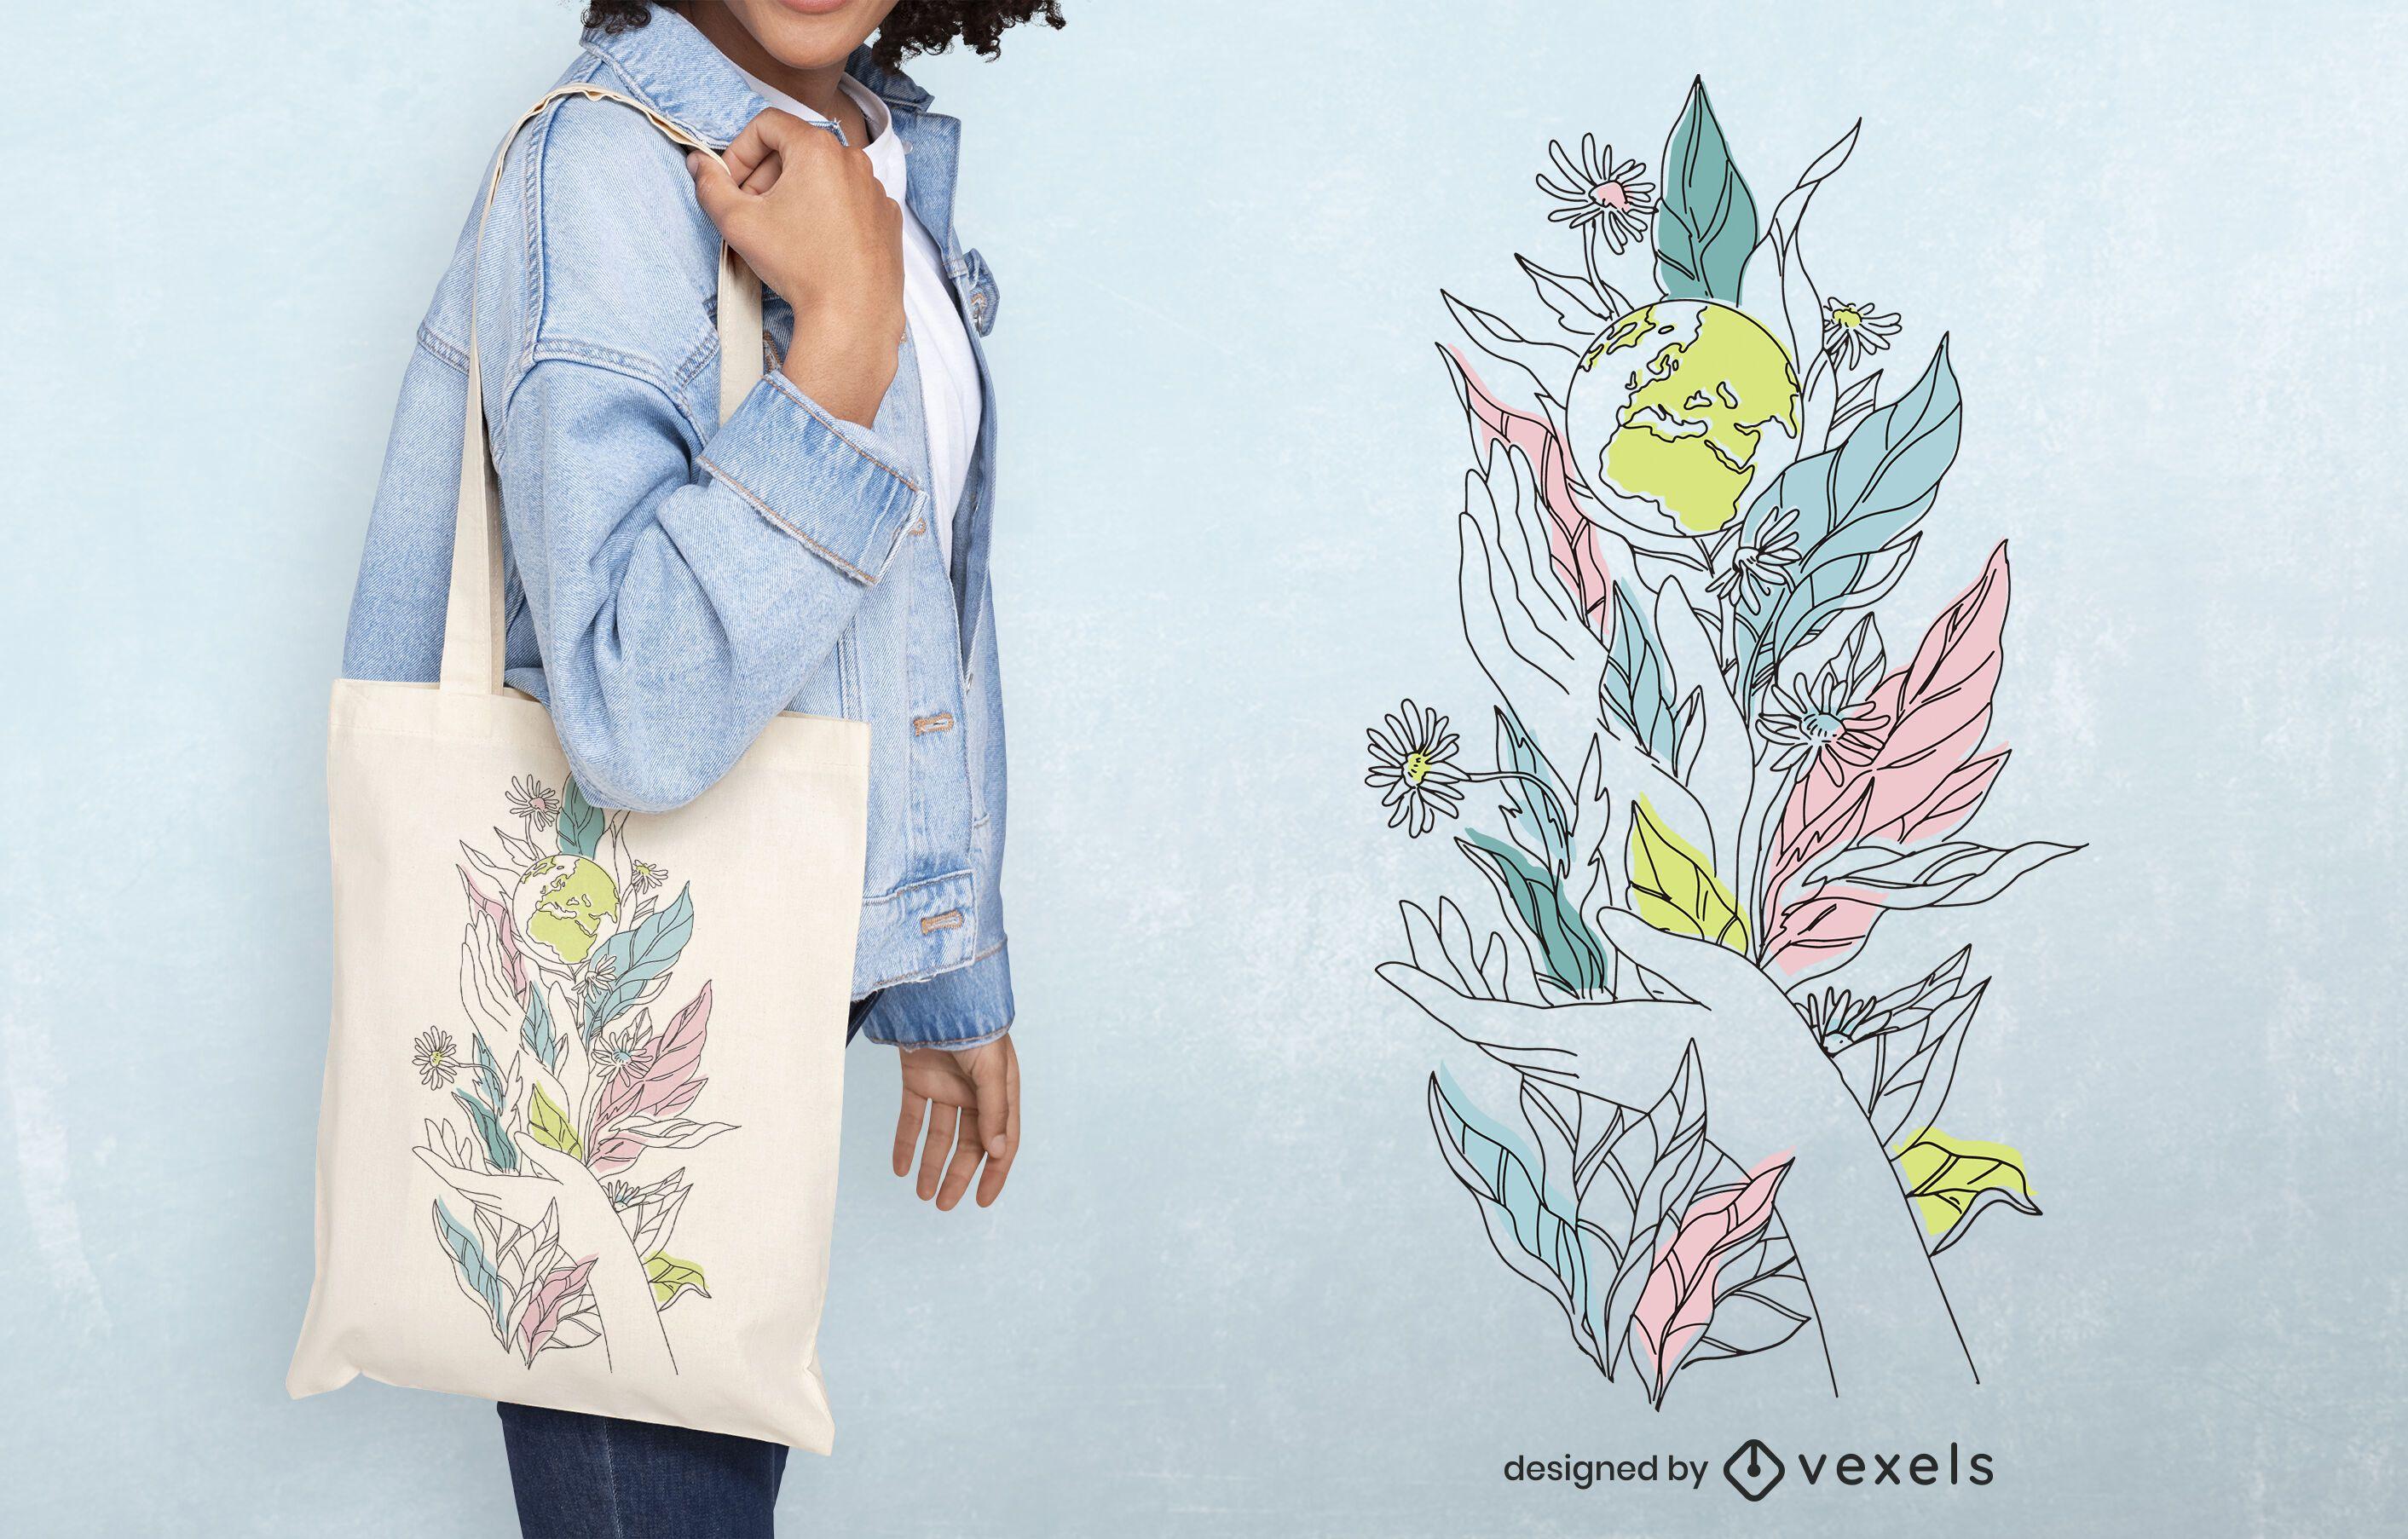 Earth day tote bag design